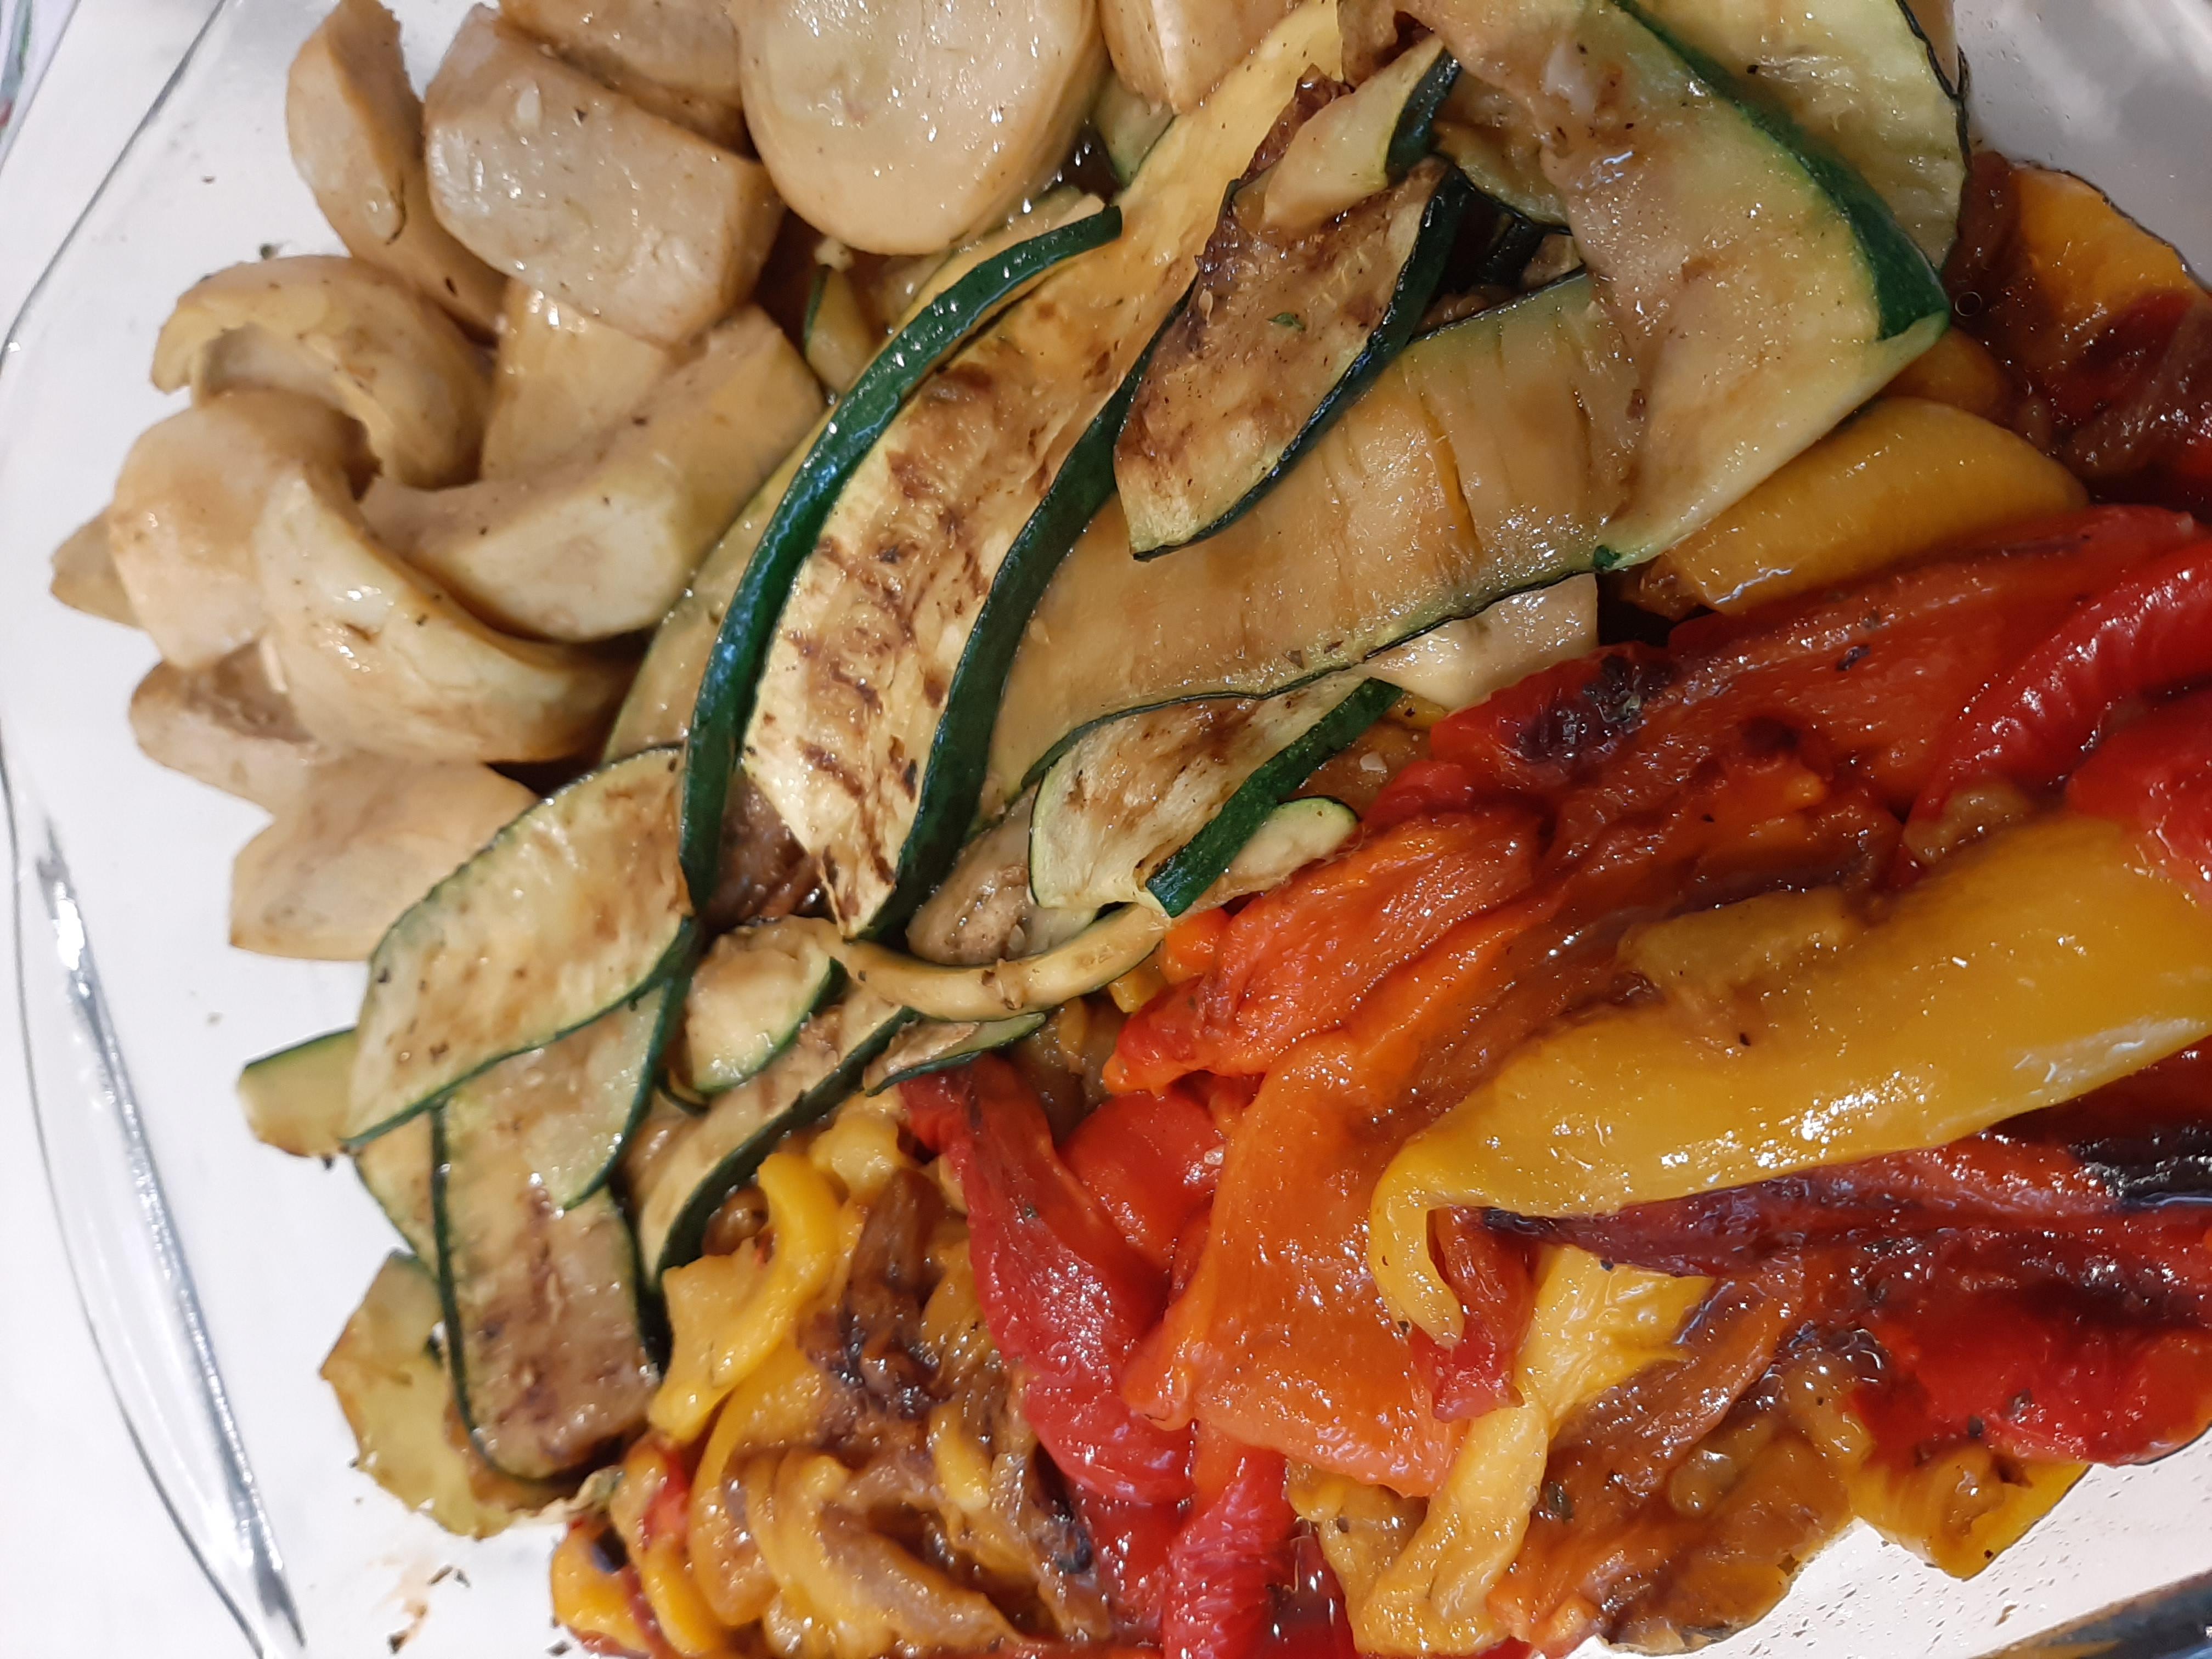 Antipasti légumes rôtis et marinés à l'italienne